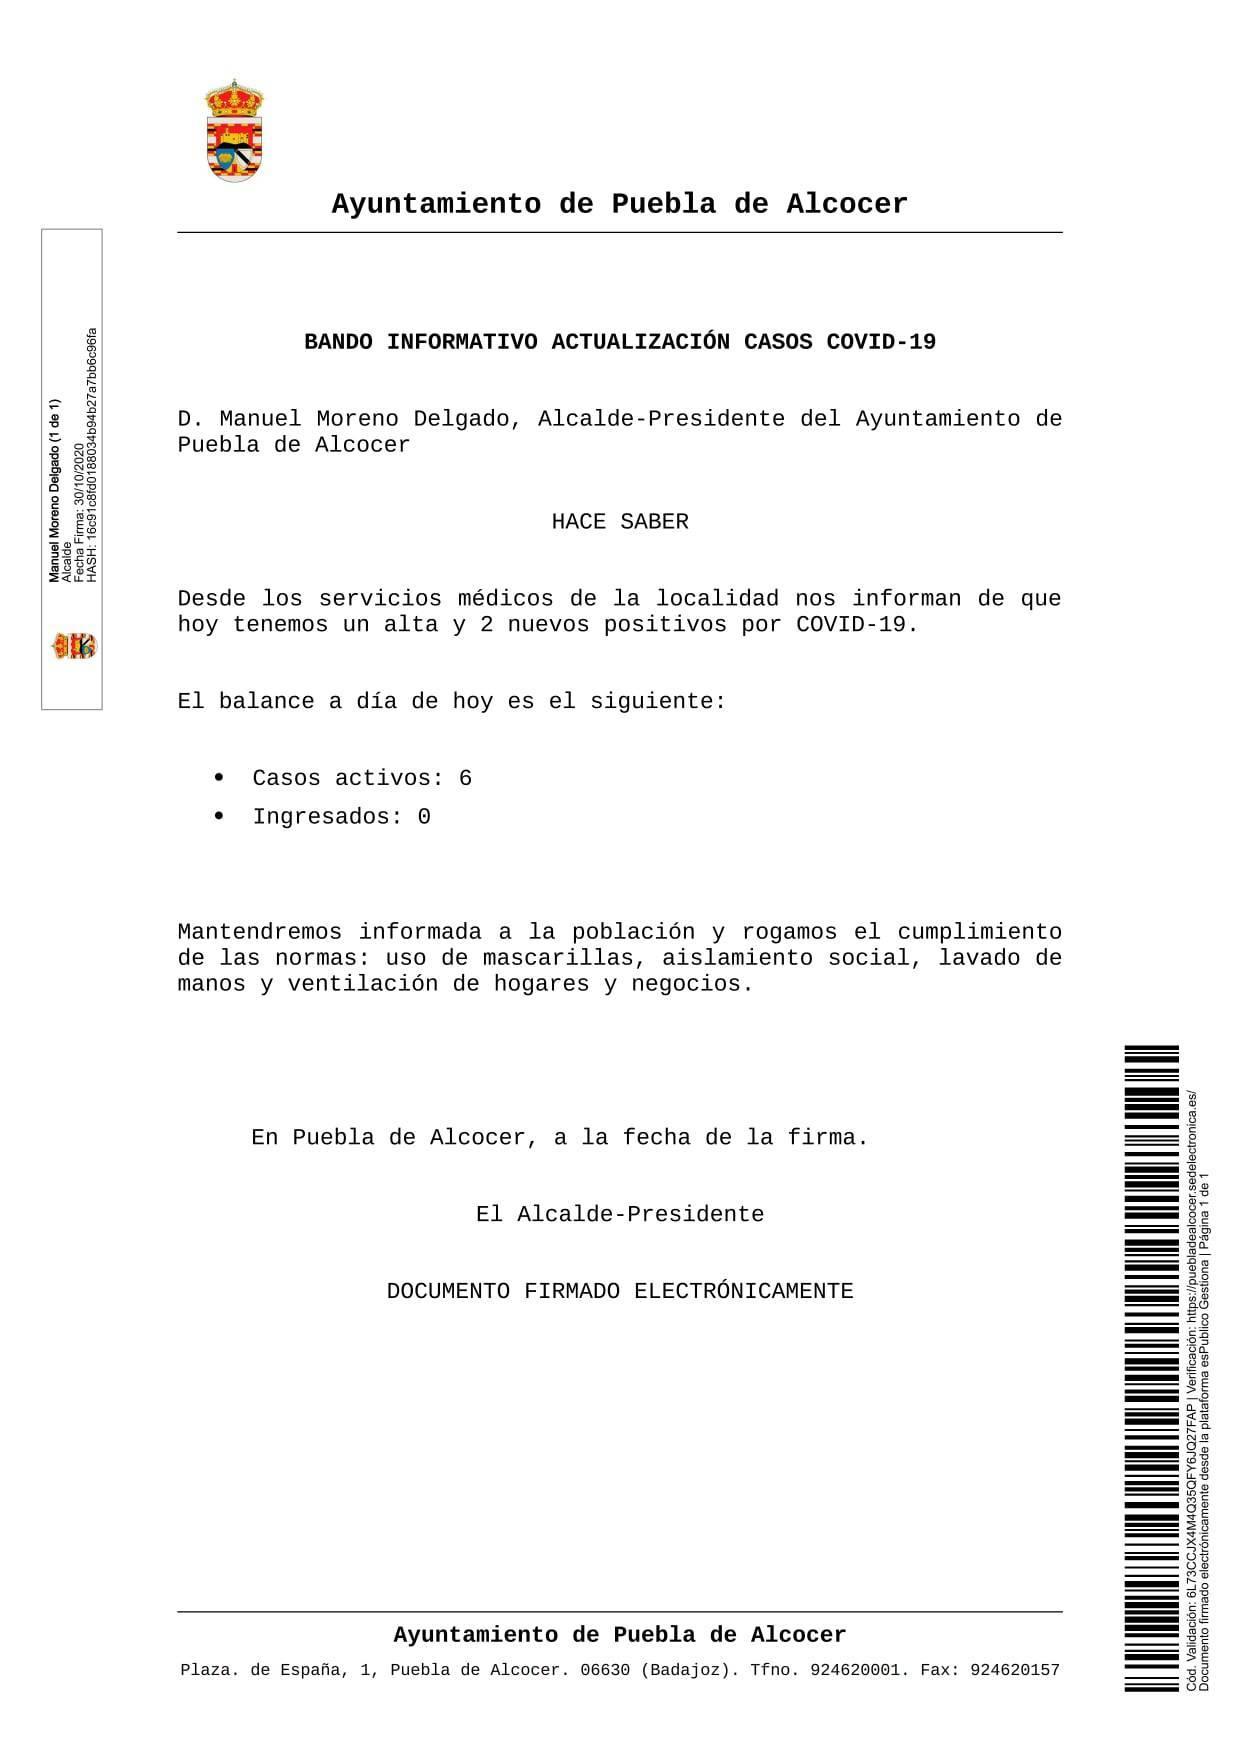 6 casos activos de COVID-19 (octubre 2020) - Puebla de Alcocer (Badajoz)